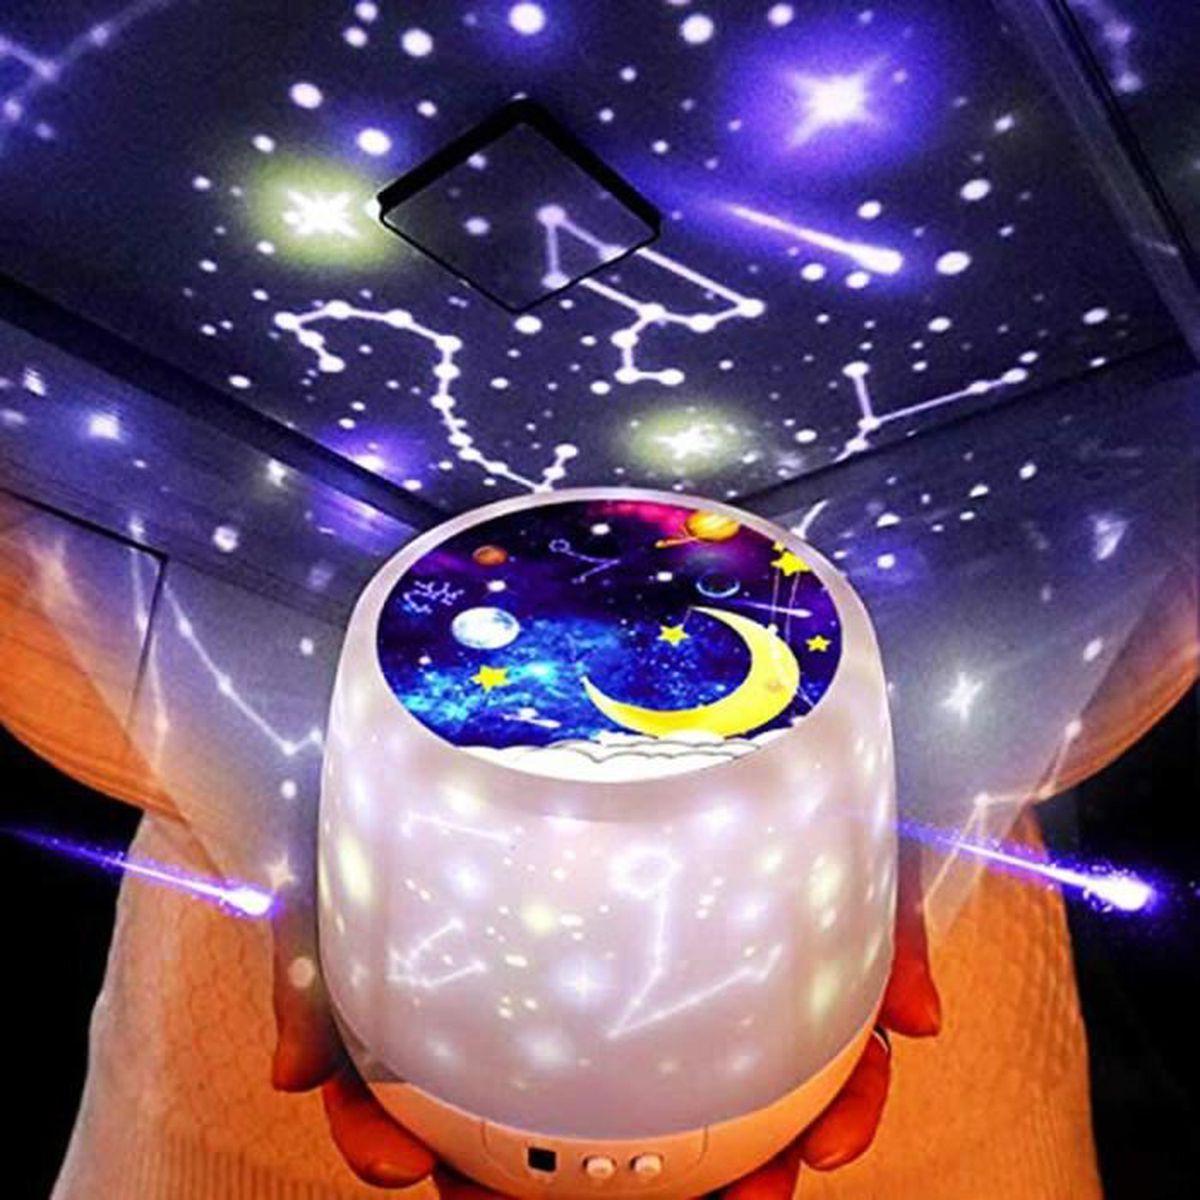 Veilleuse Bébé Lampe Projecteur Enfant Etoile Plafond Lumiere Led de Nuit 360 °